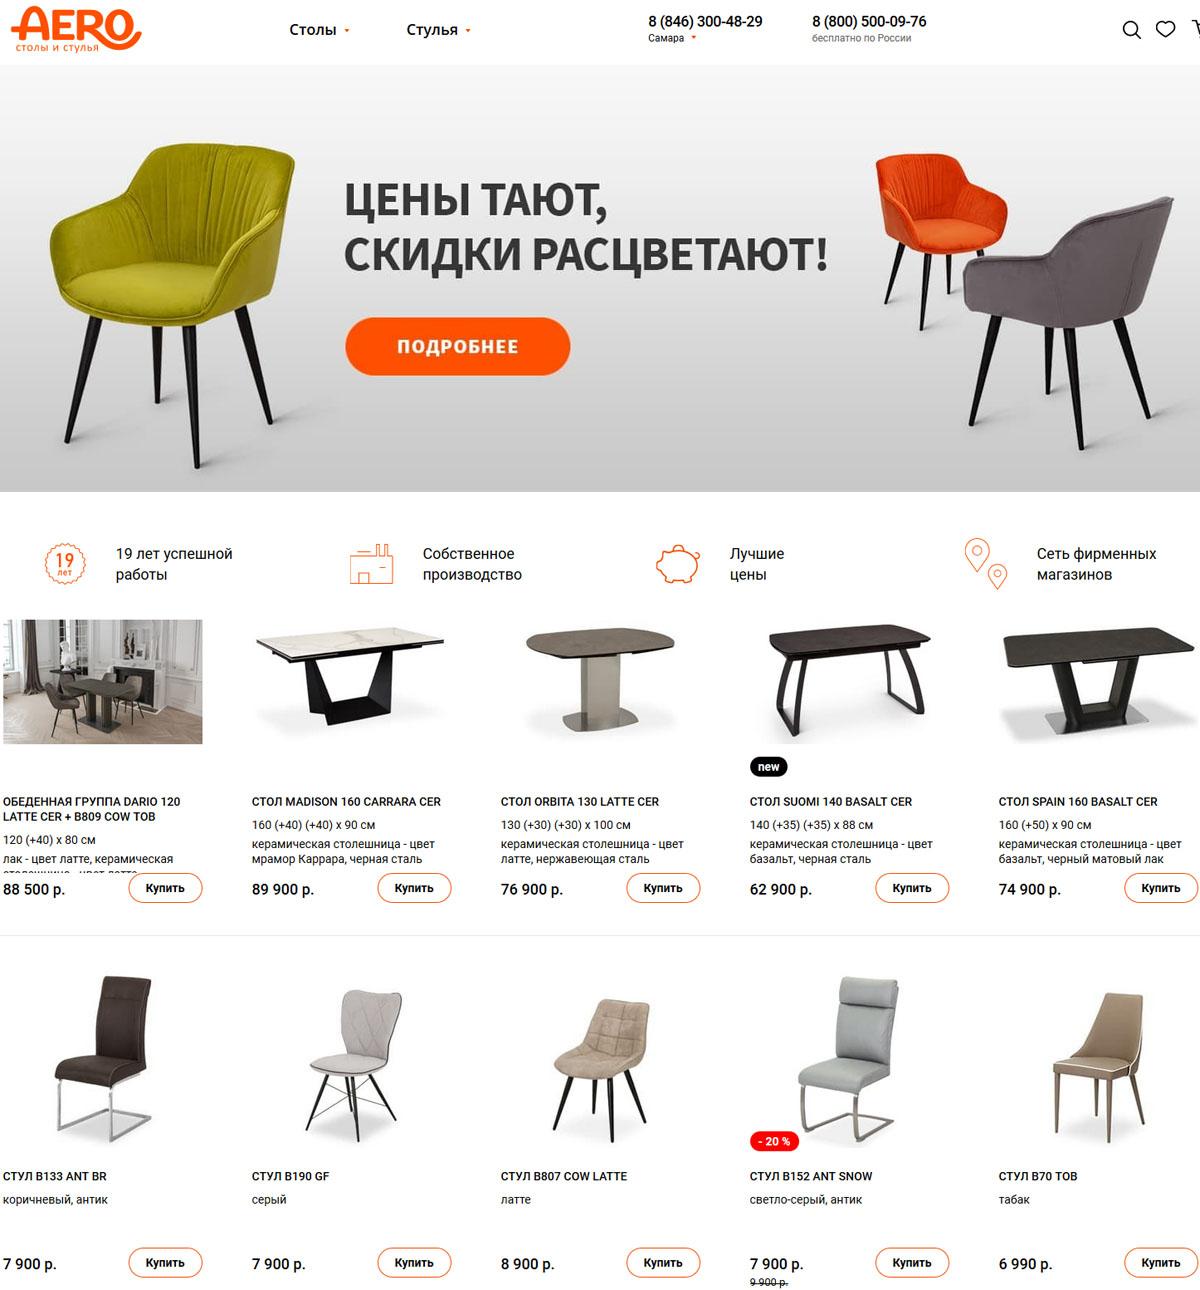 Интернет-магазин мебели Aero